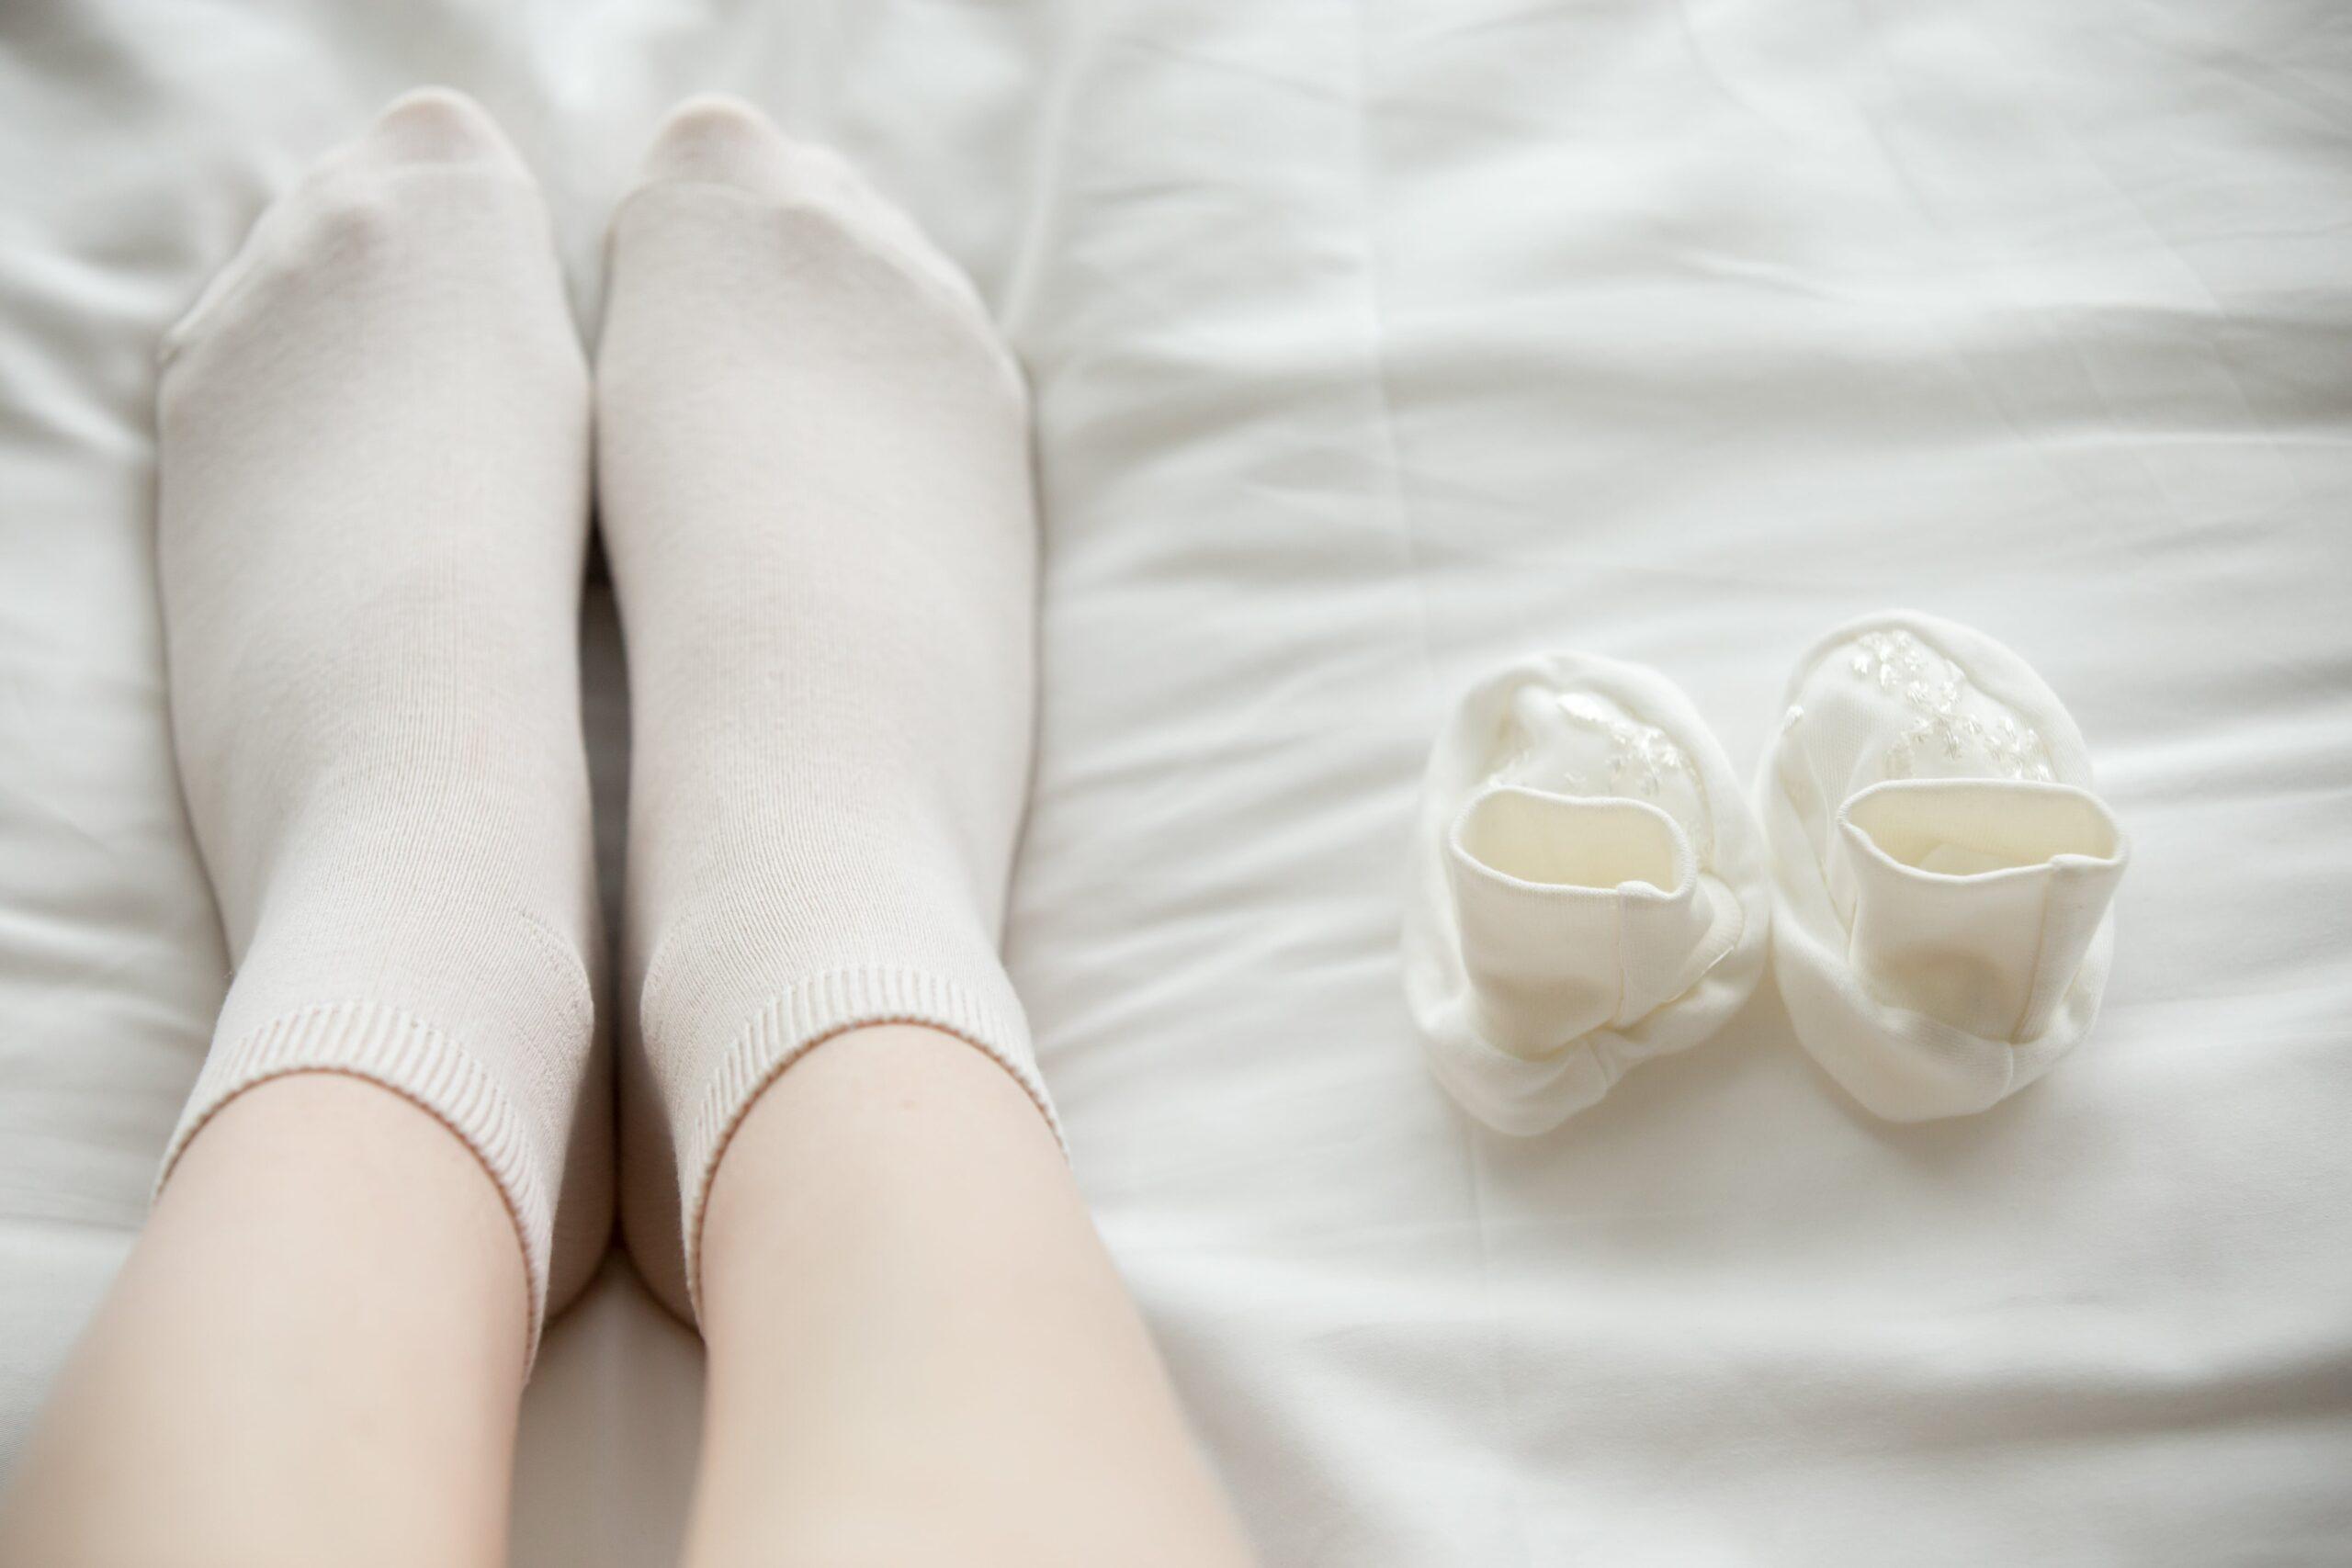 Calzado para bebés - Trocadero Shoes